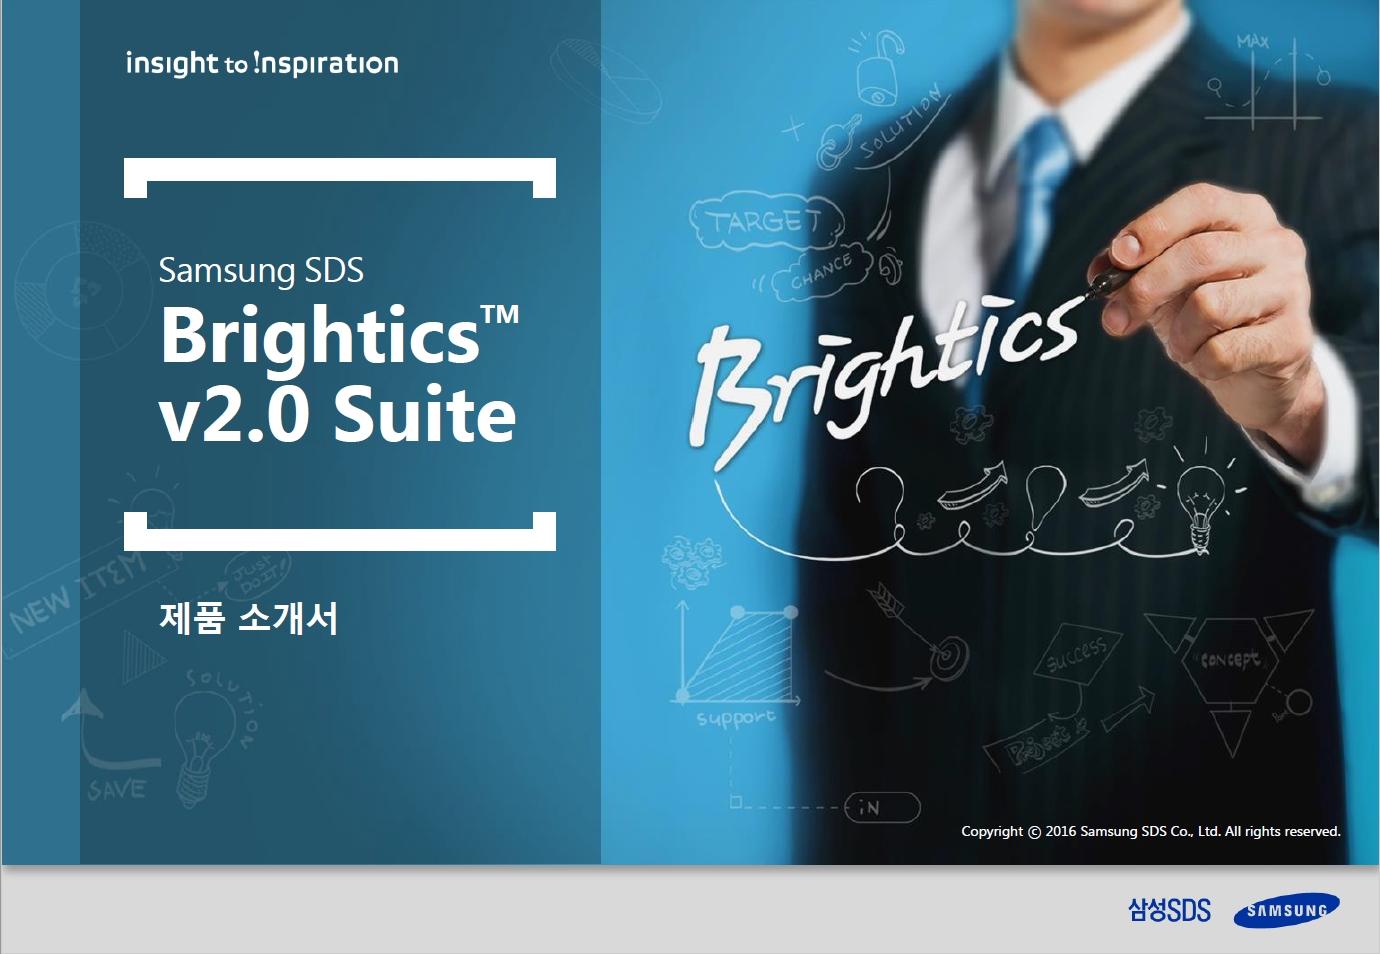 BrighticsTM로 종합적인 데이터 분석 수행